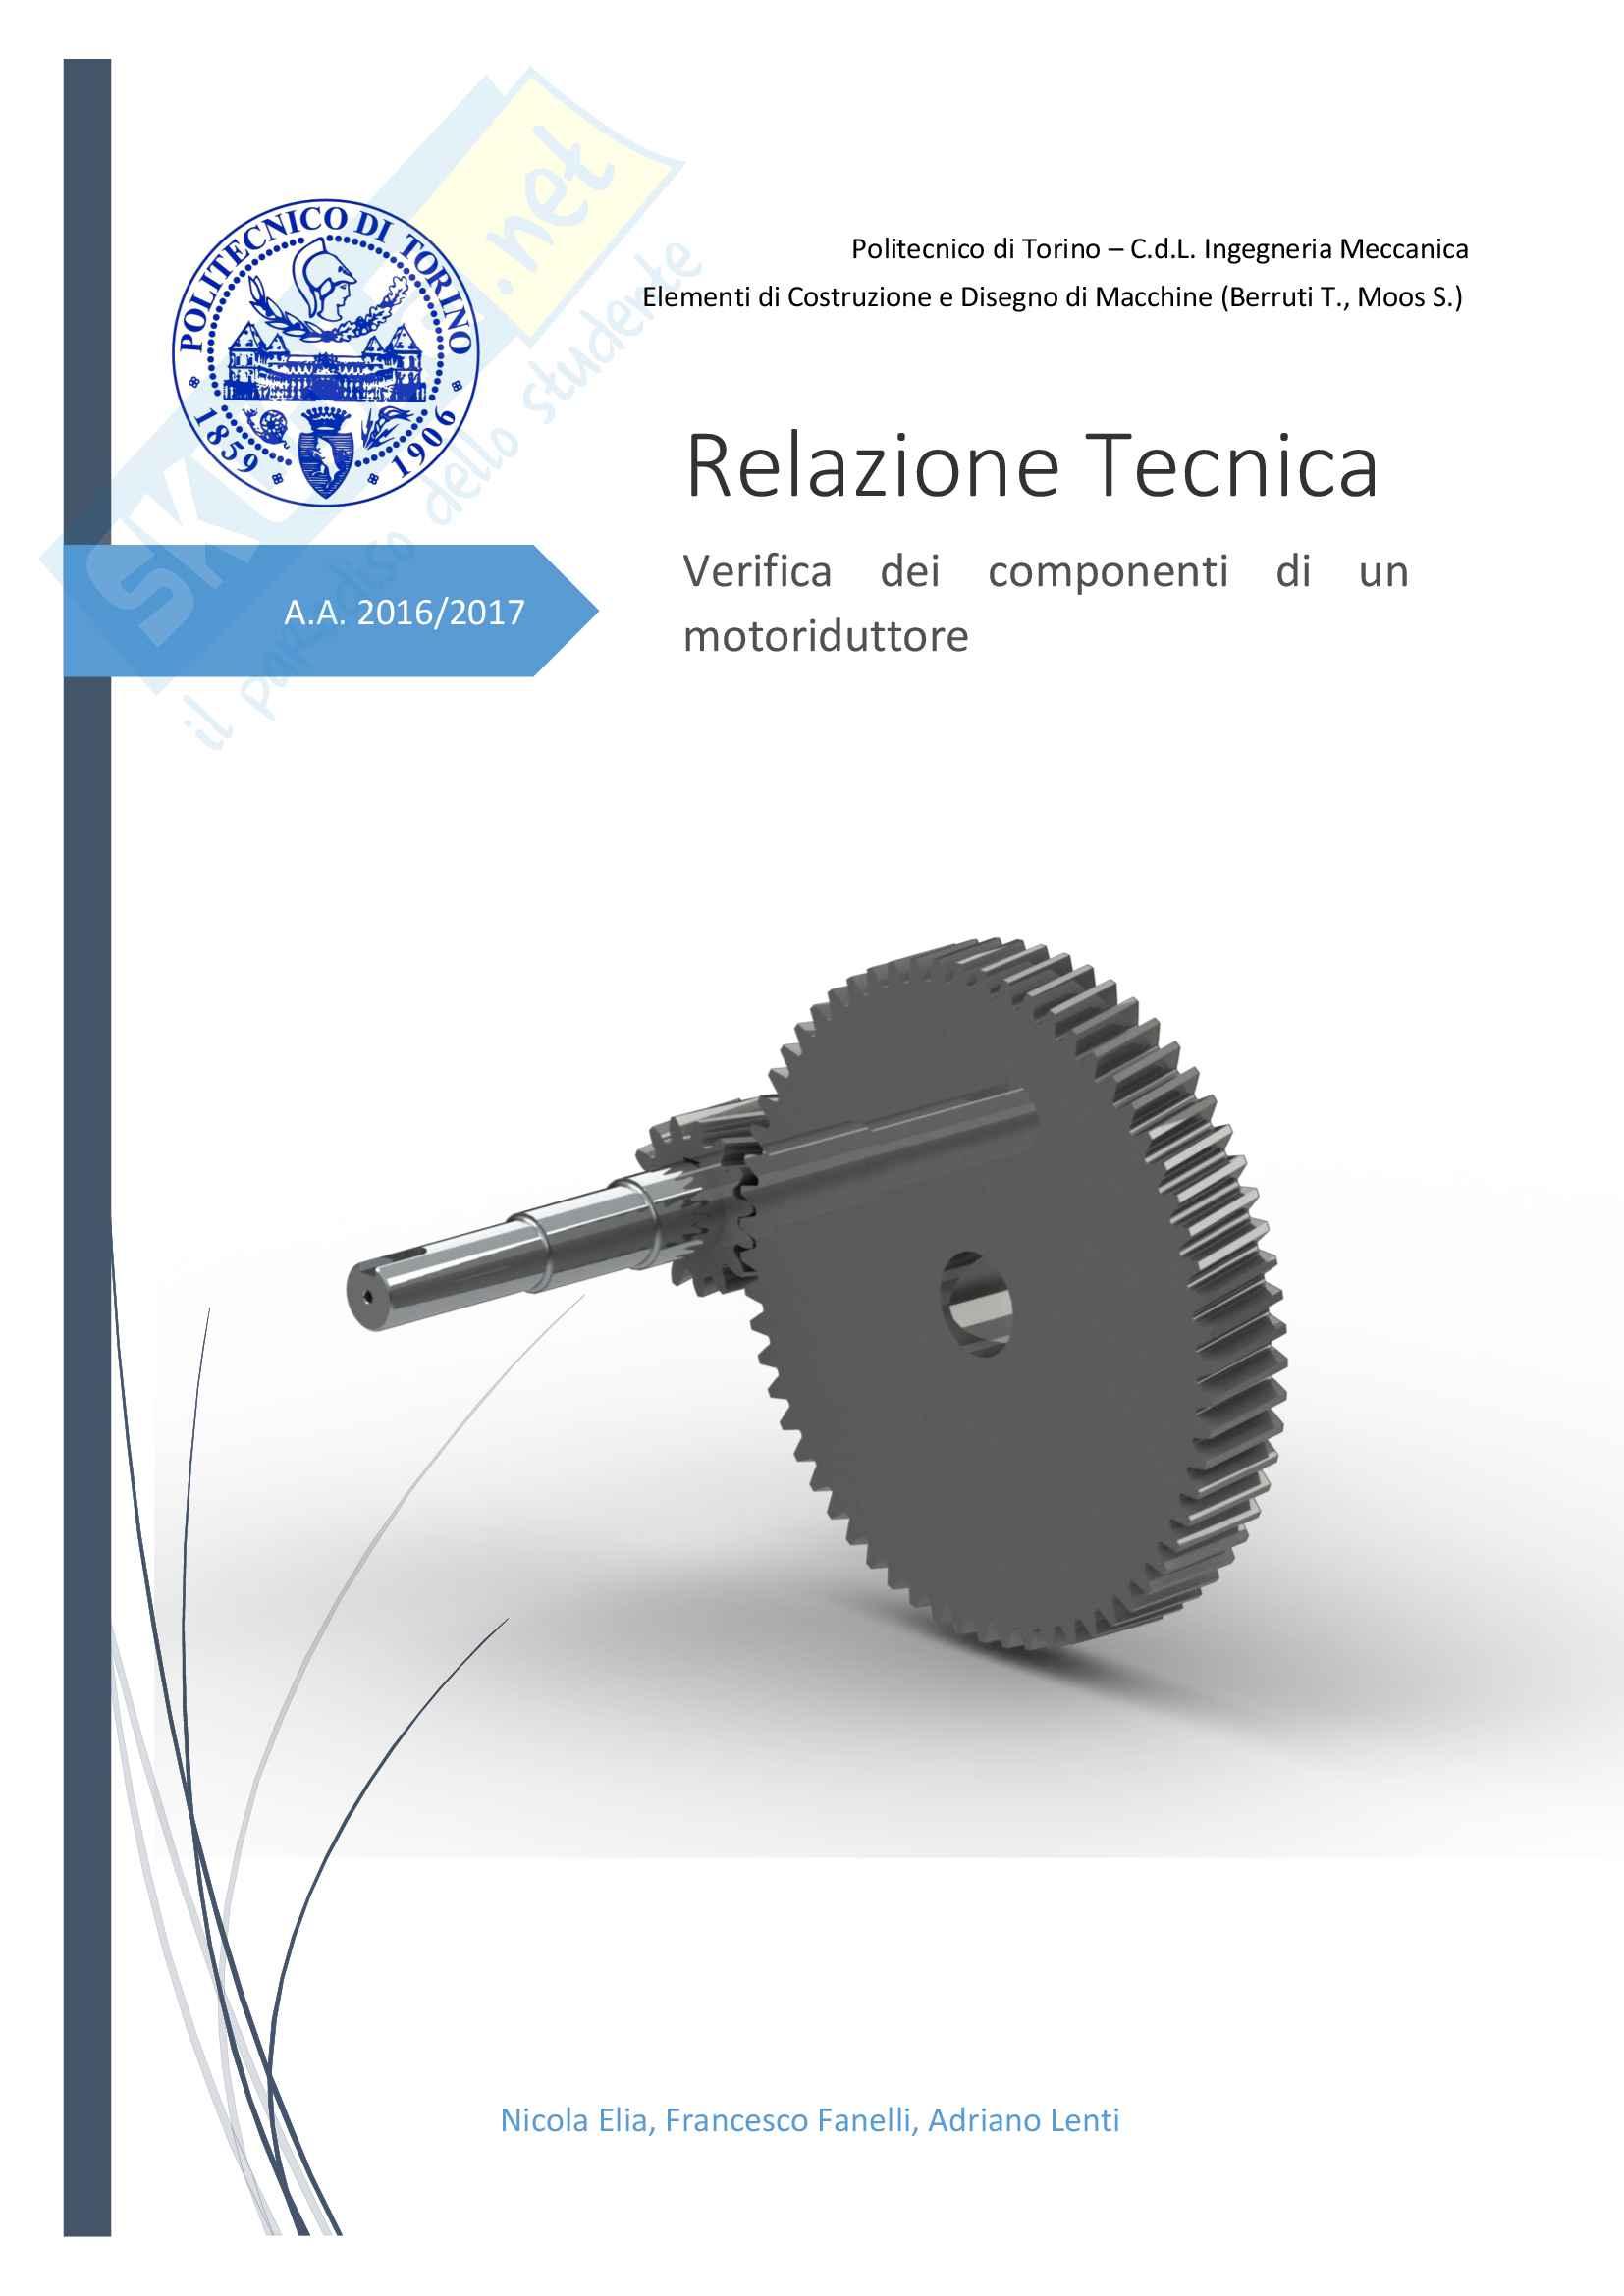 Relazione Tecnica Perfetta, Costruzione di Macchine, Berruti, Brusa